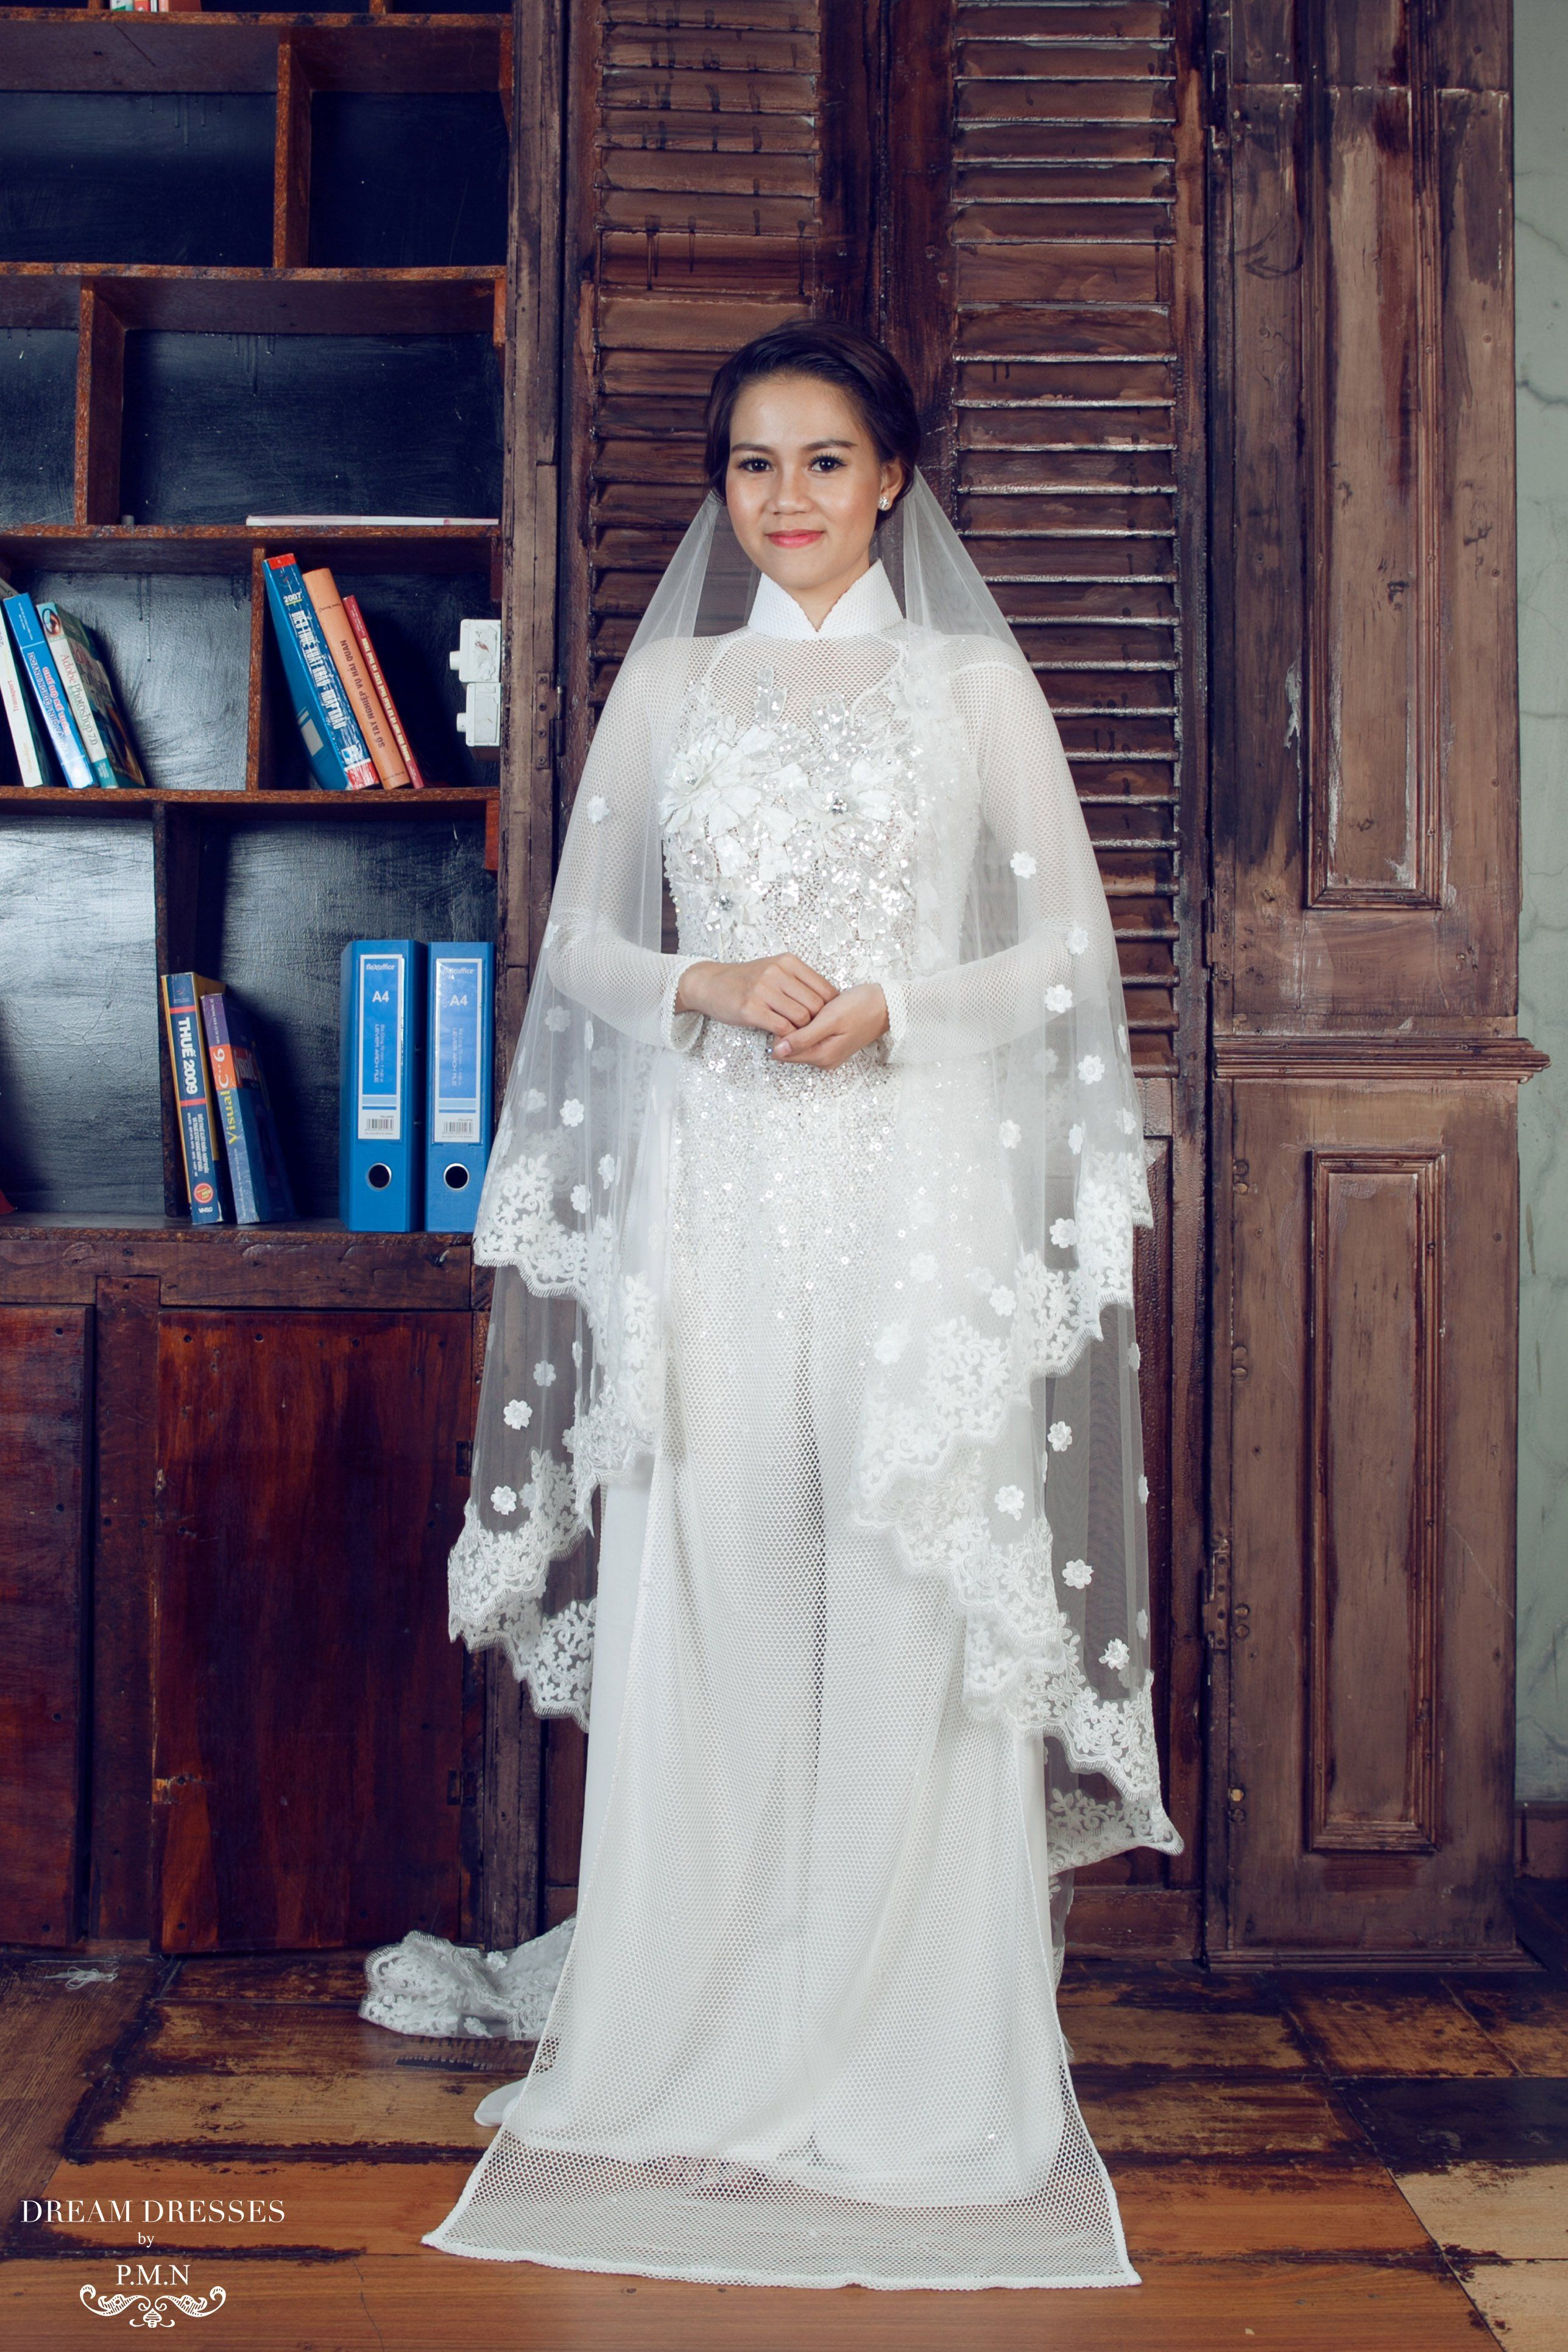 9383393084 Two-tier Chapel Length Veil With Lace Appliqué Edge ( Reine)  Bridal veil   chapel wedding veil  lace veil   chapel lace wedding veil